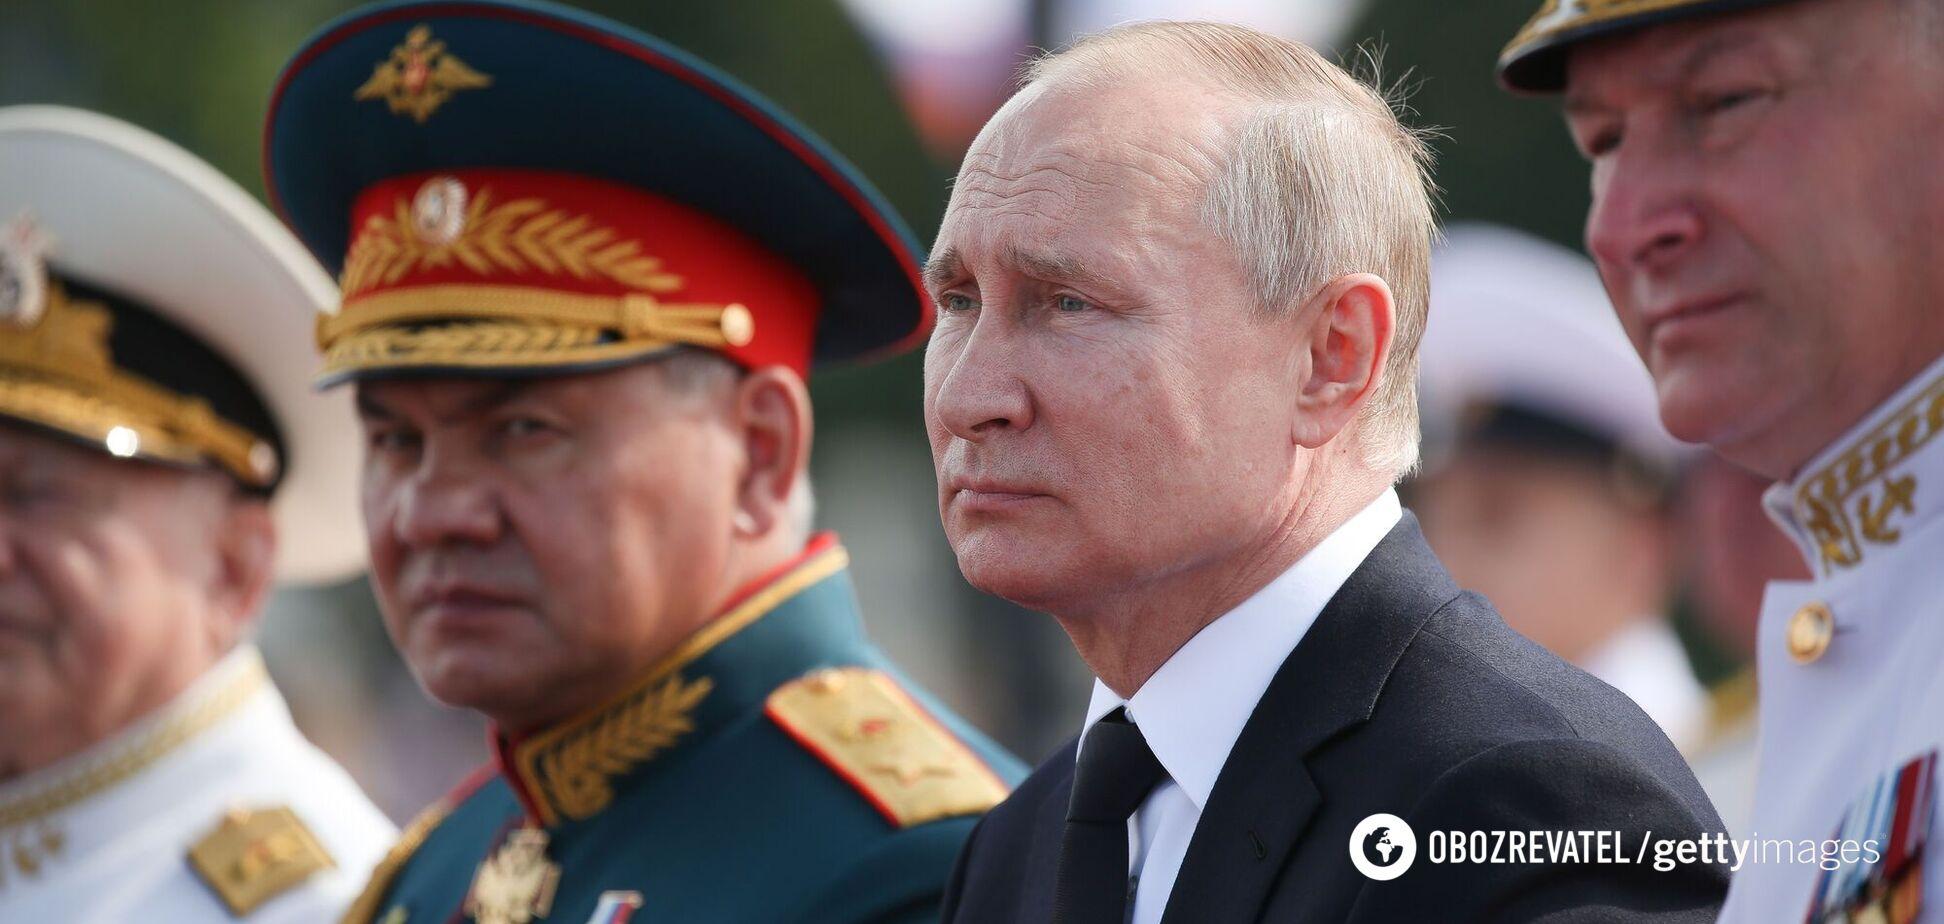 Клімкін: Путіну треба відволікти росіян, над півднем України нависла загроза